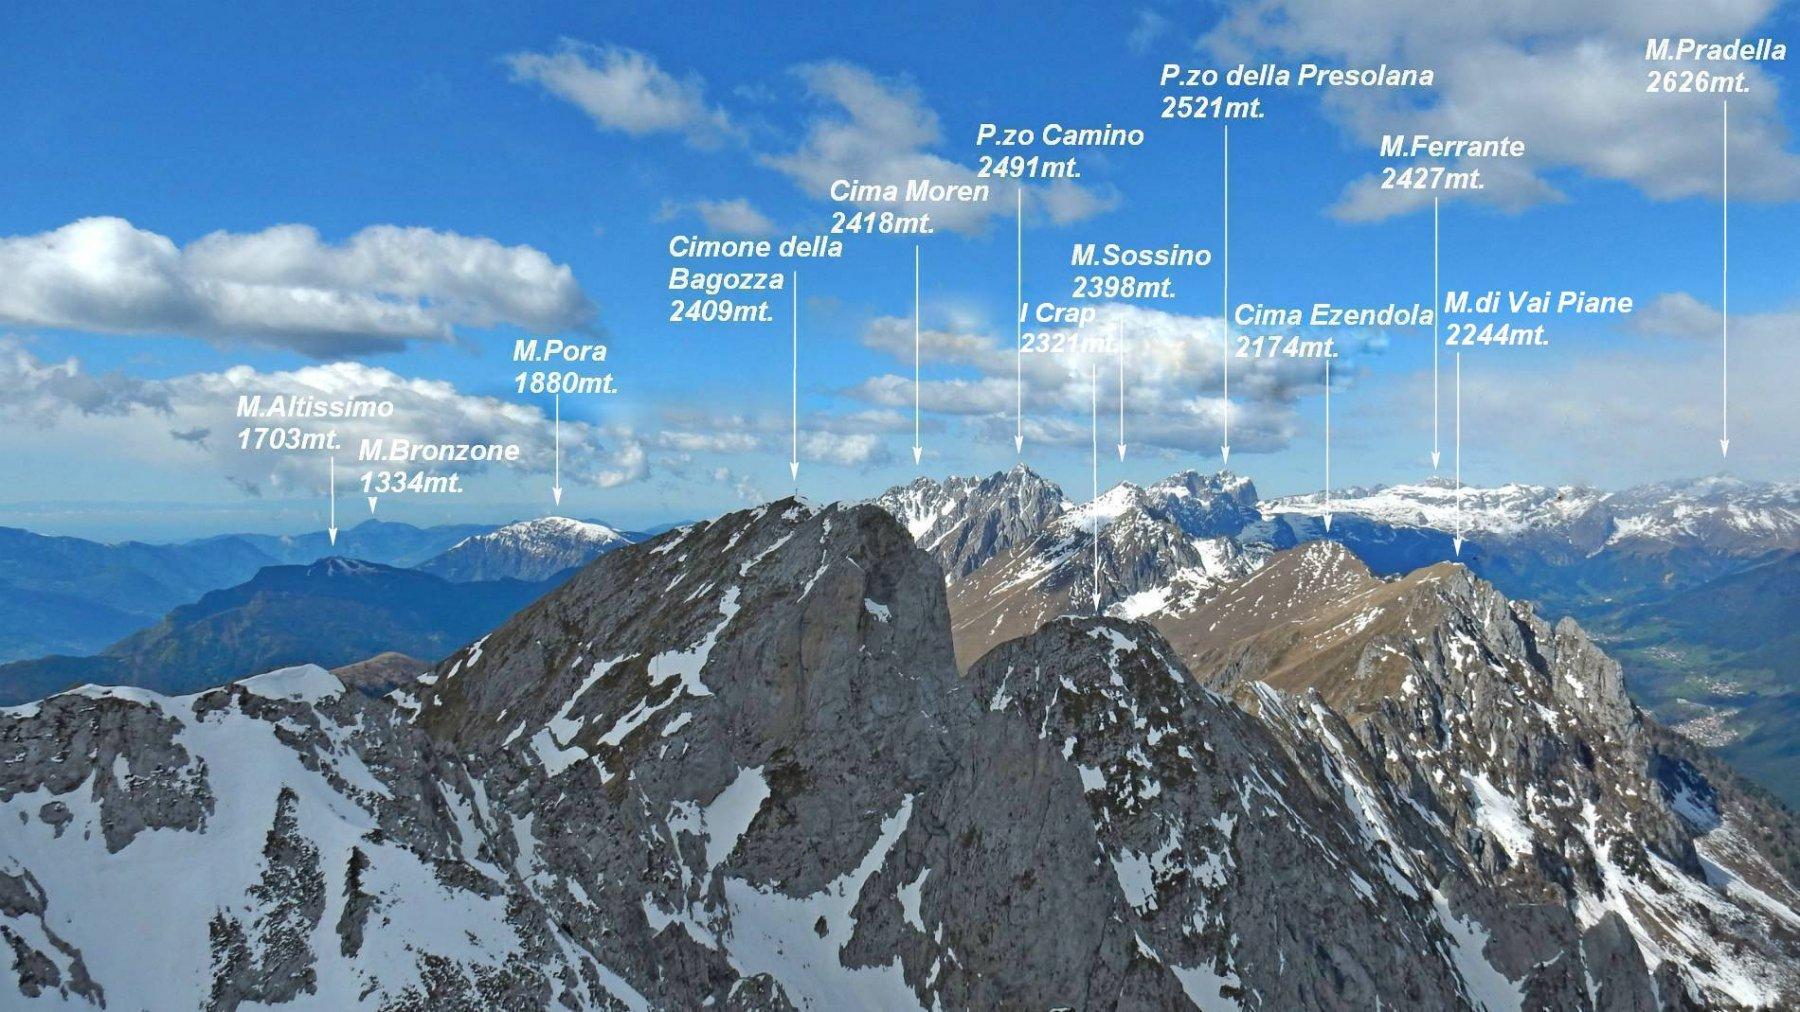 Panorama dalla vetta di Cima Mengol 2421mt.